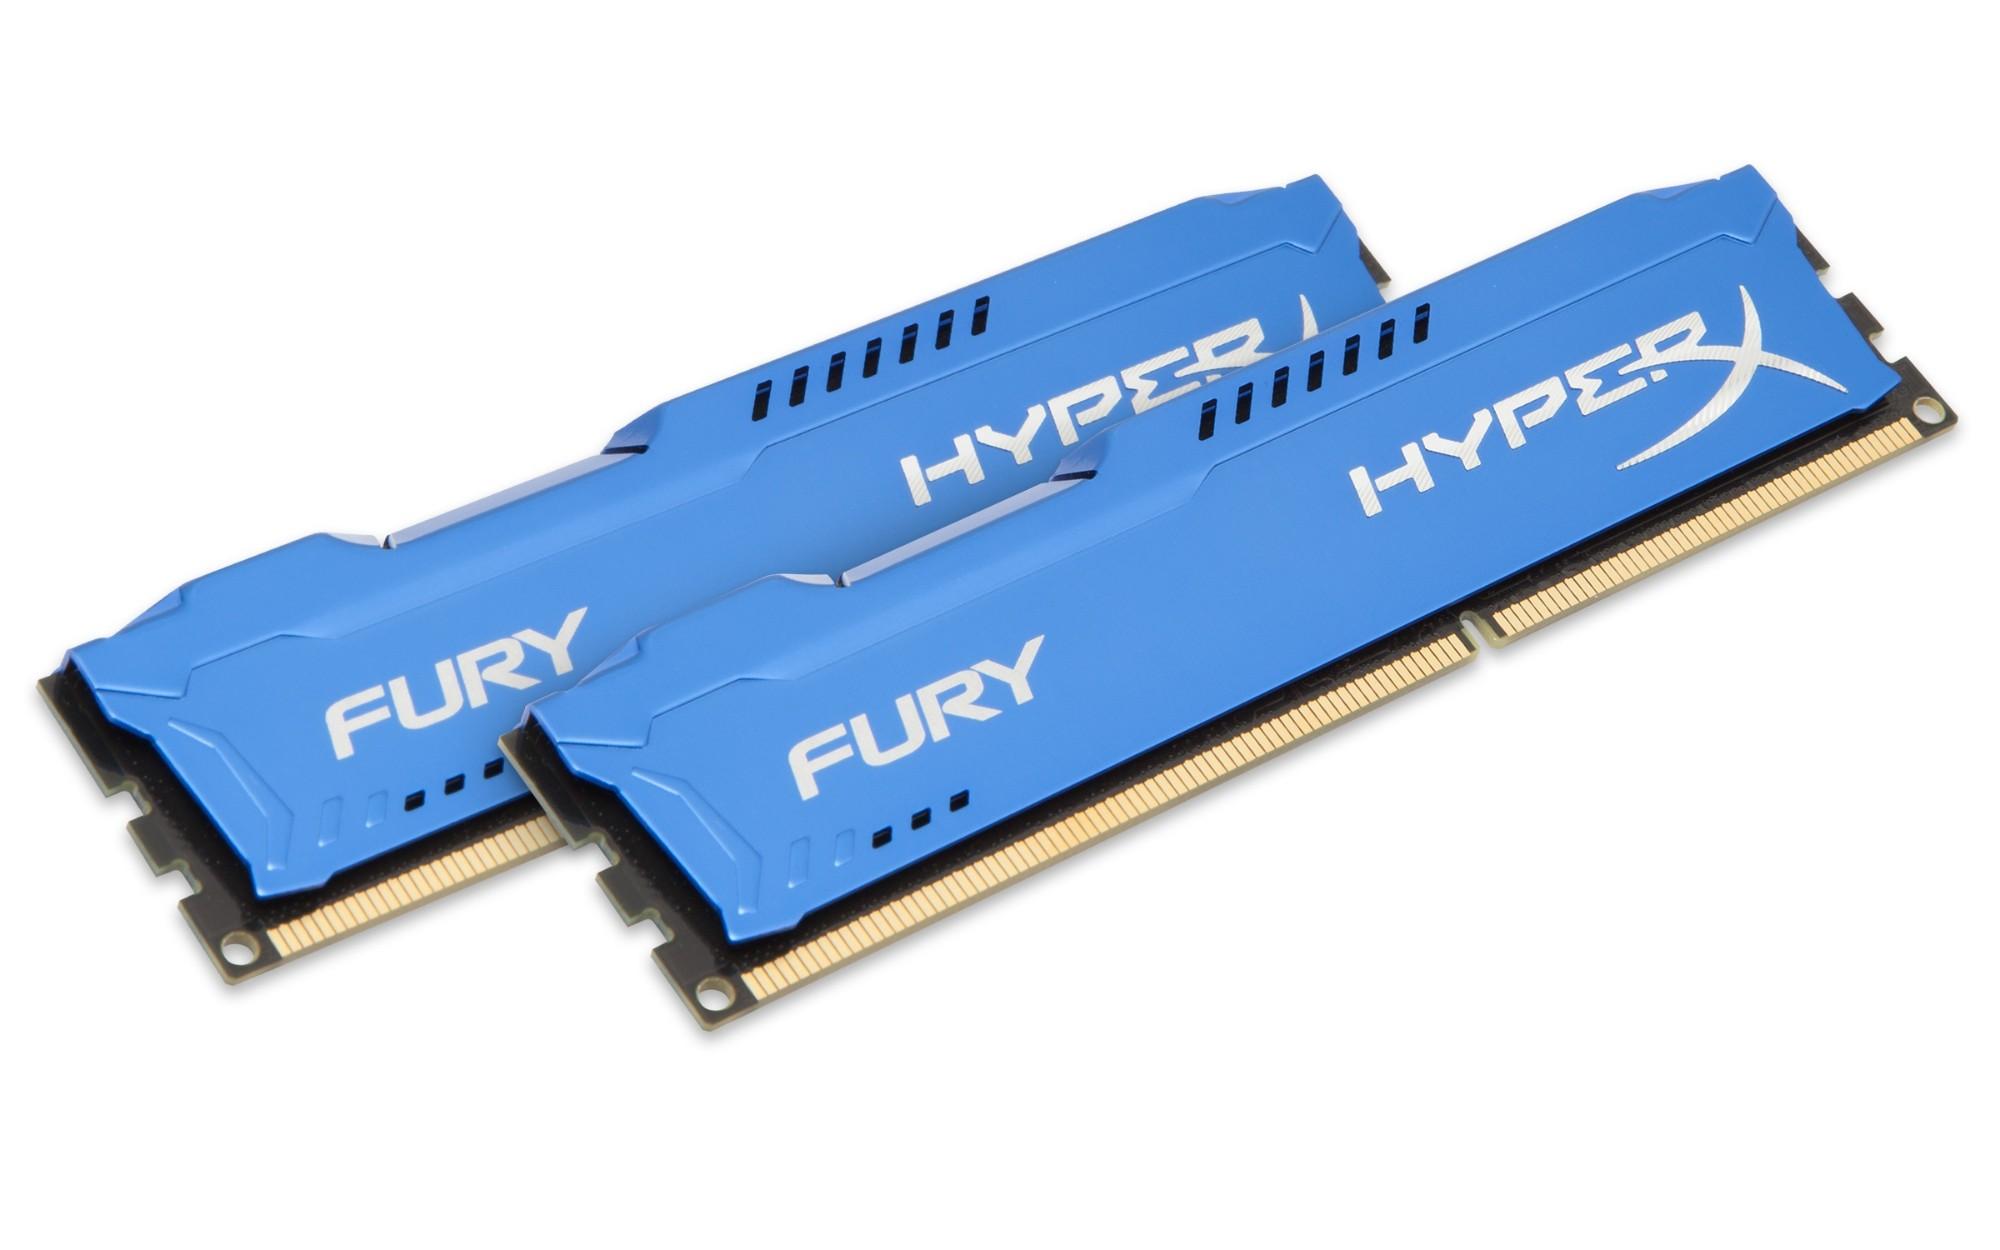 HyperX FURY Blue 8GB 1866MHz DDR3 memory module